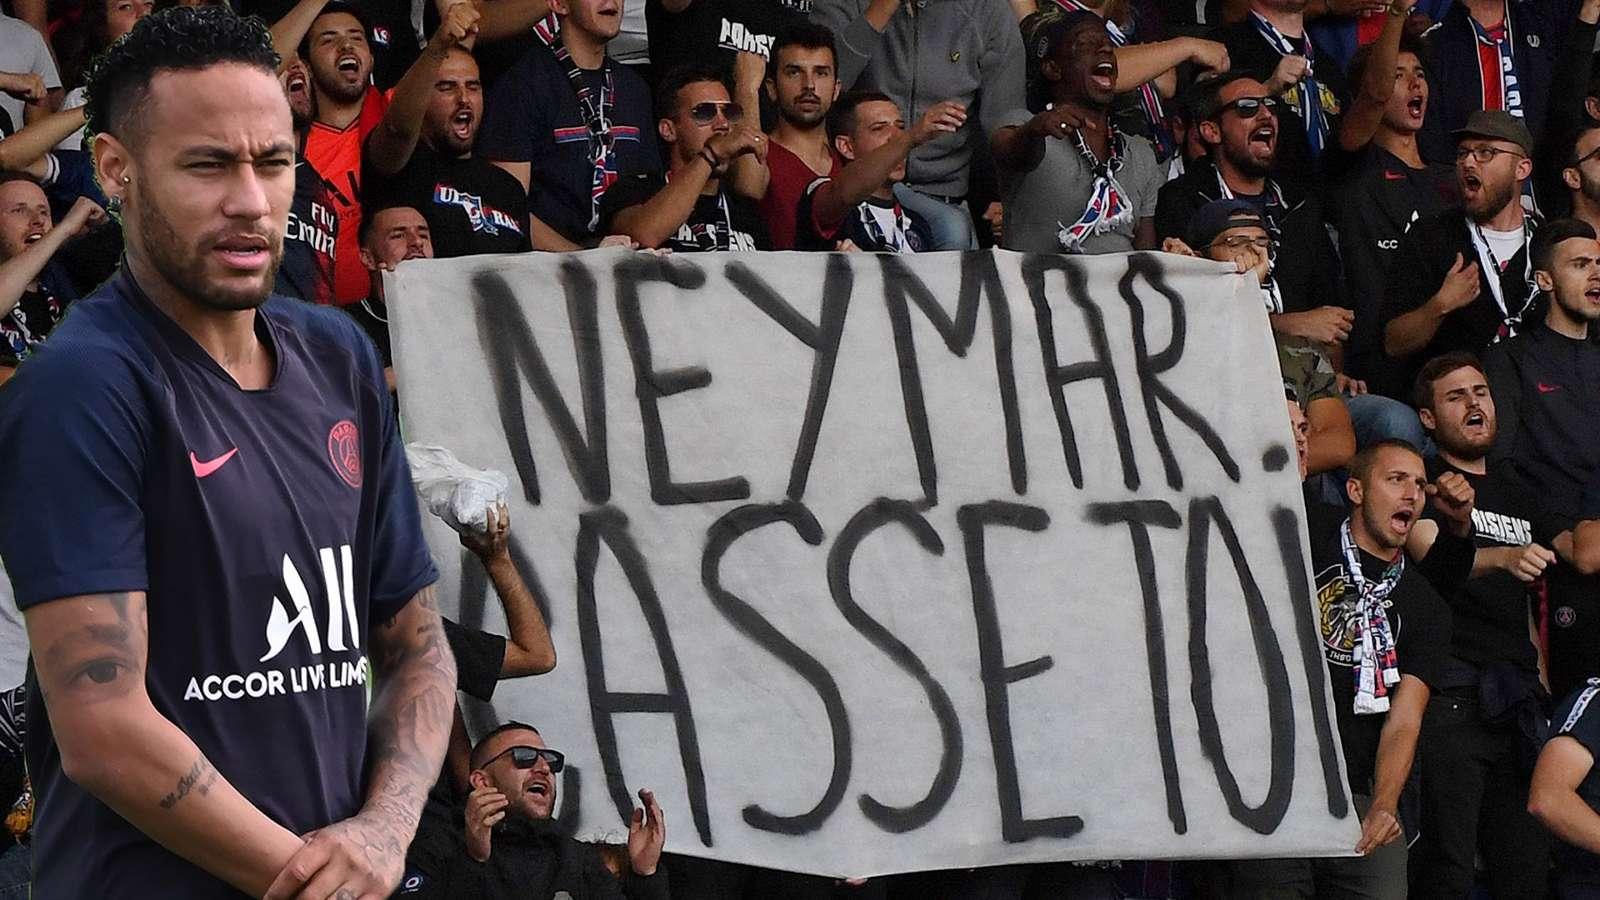 巴黎死忠球迷公告:对内马尔采取冷遇态度 他的言行伤害球队